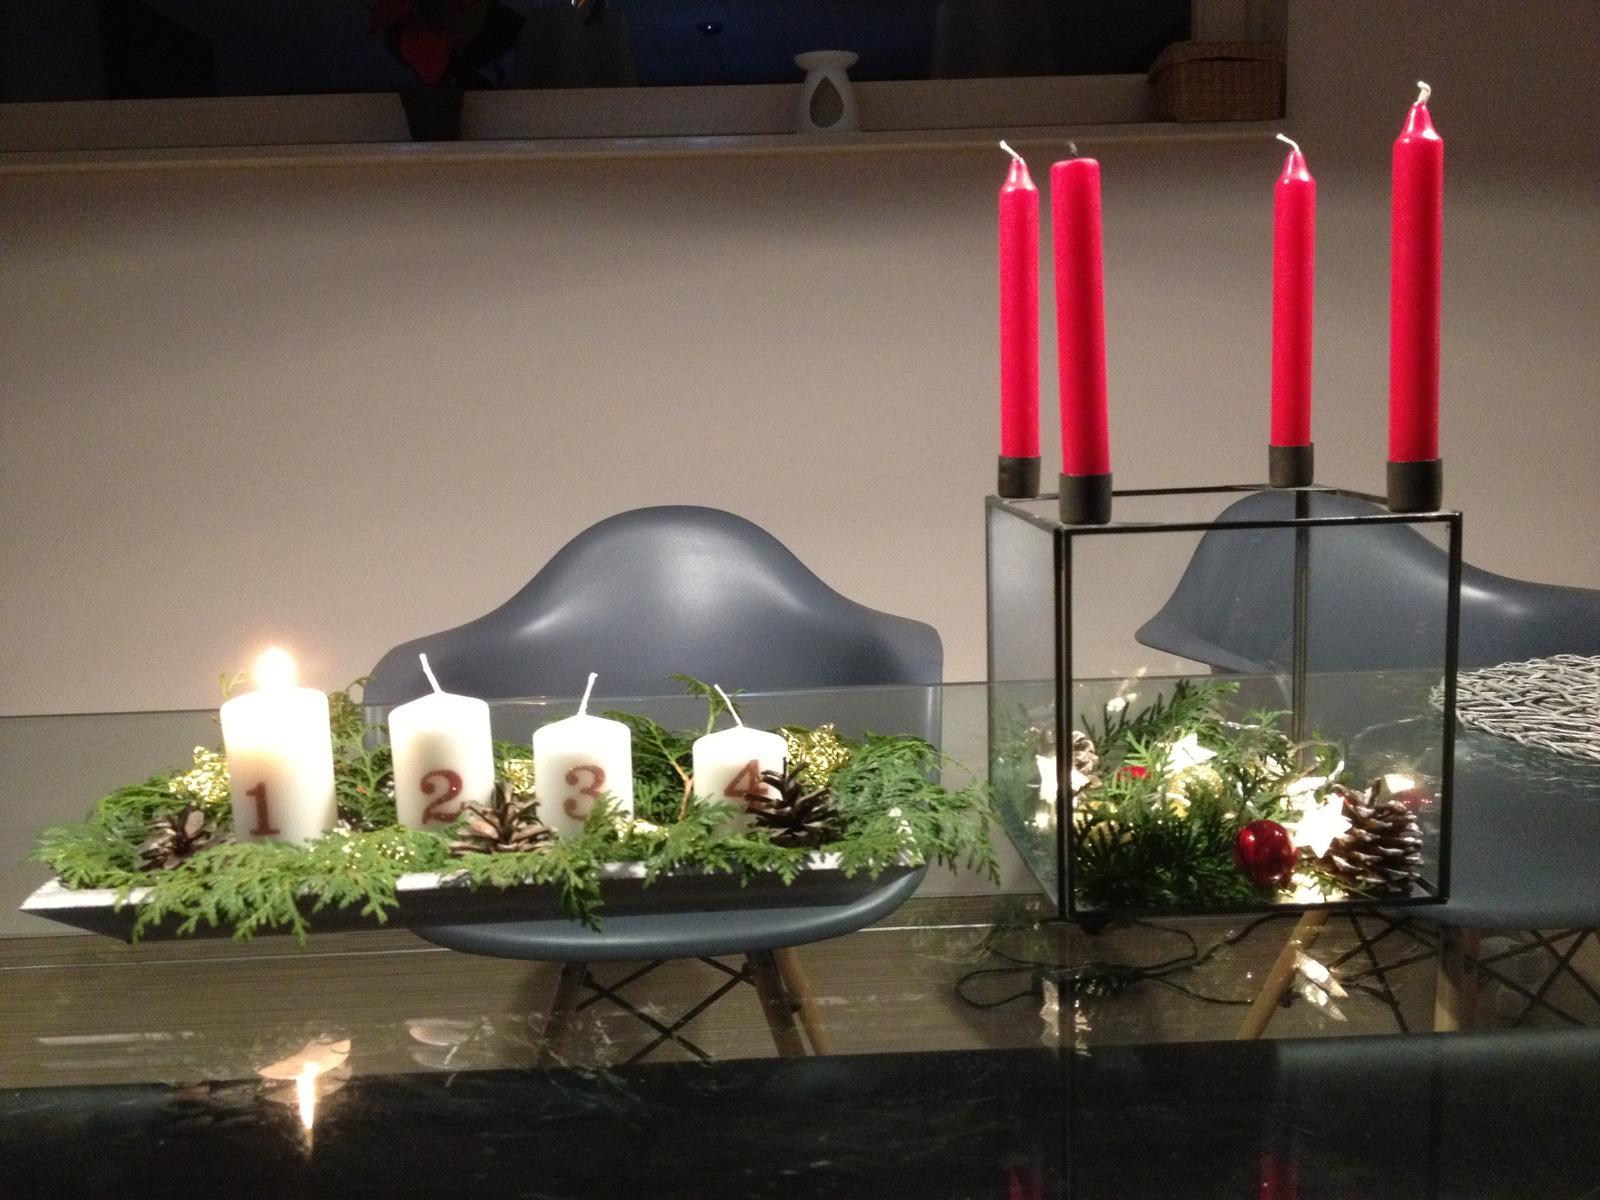 Vánoční:-) - vánoce 2015